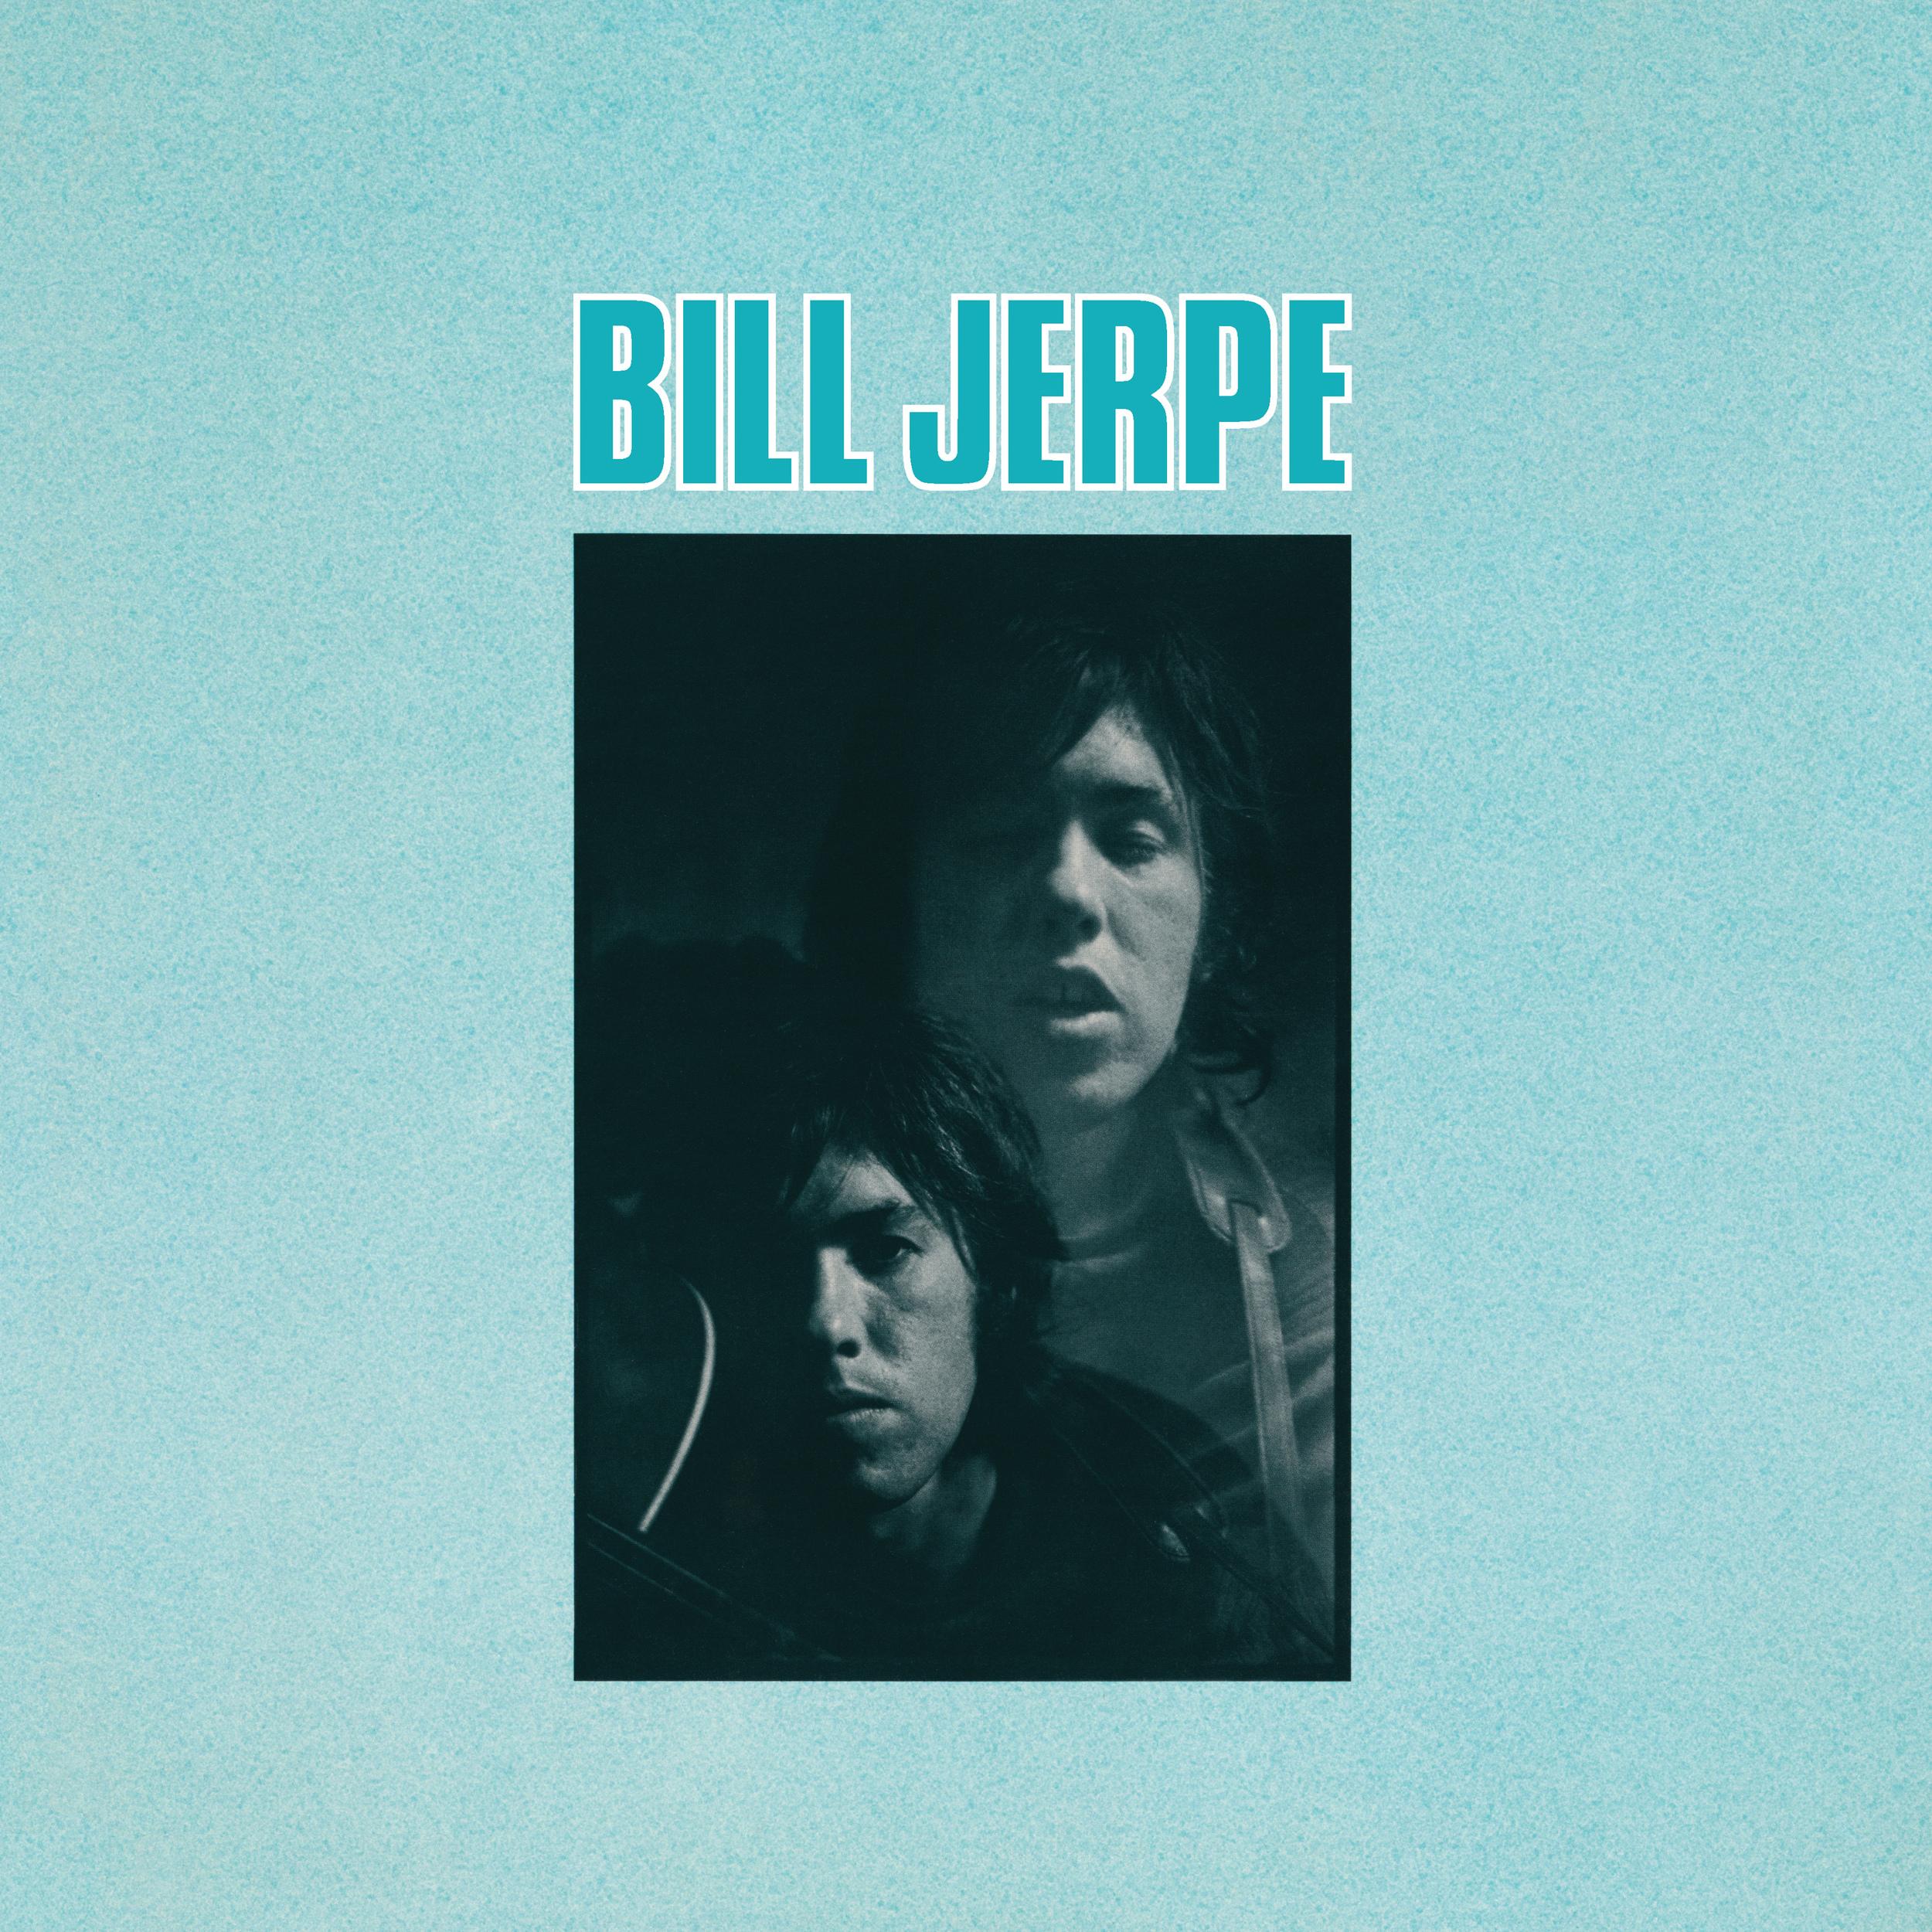 Bill Jerpe Cover.jpg